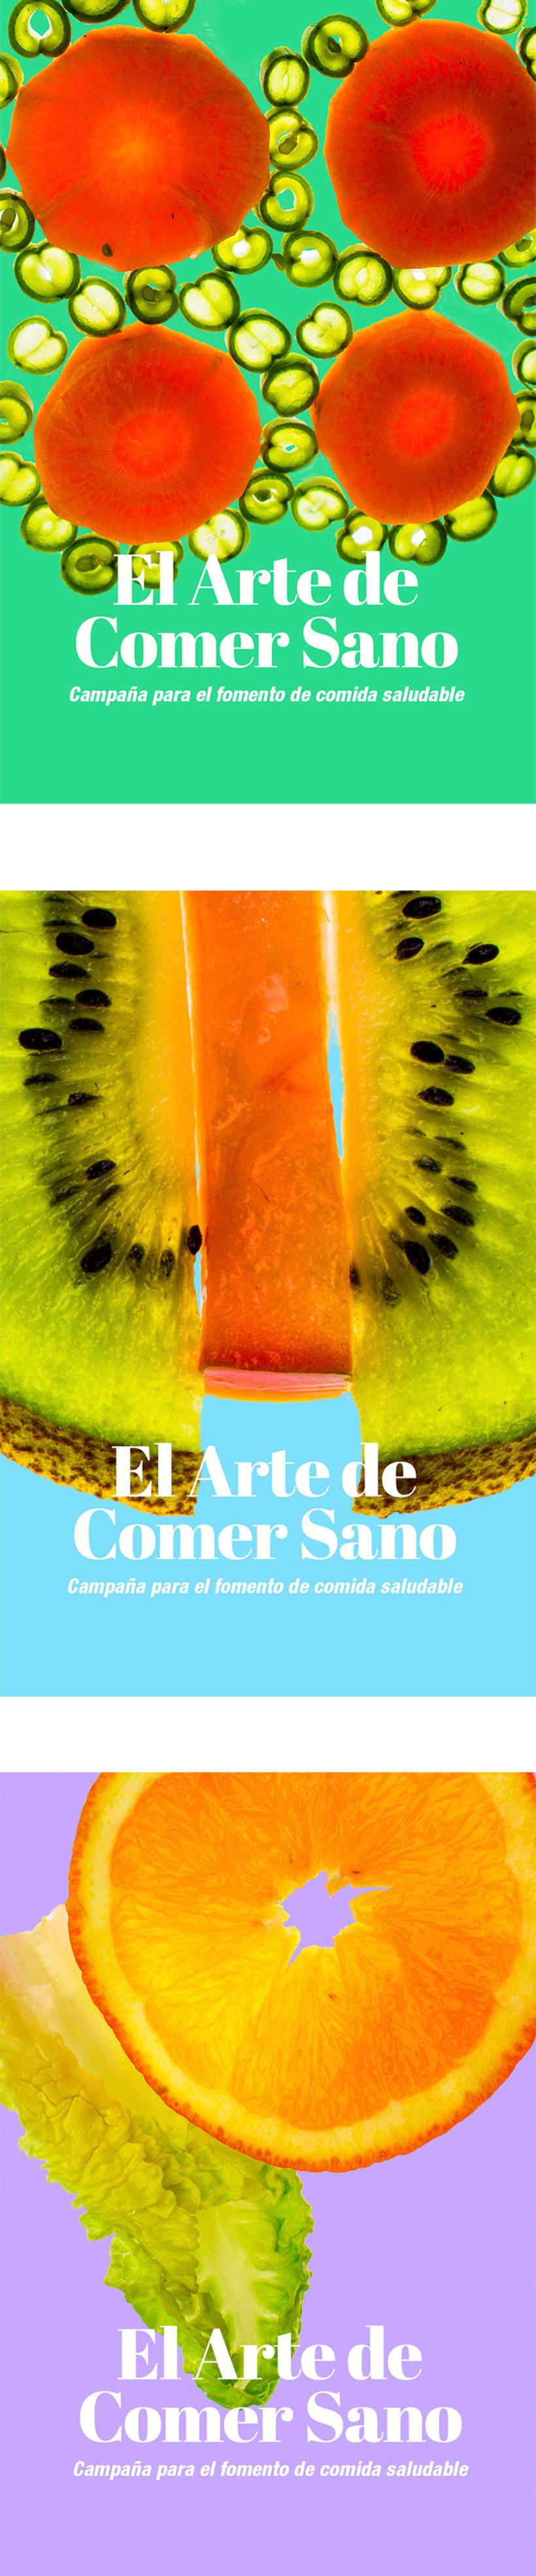 El arte ce comer sano/ Campaña publicitaria -1